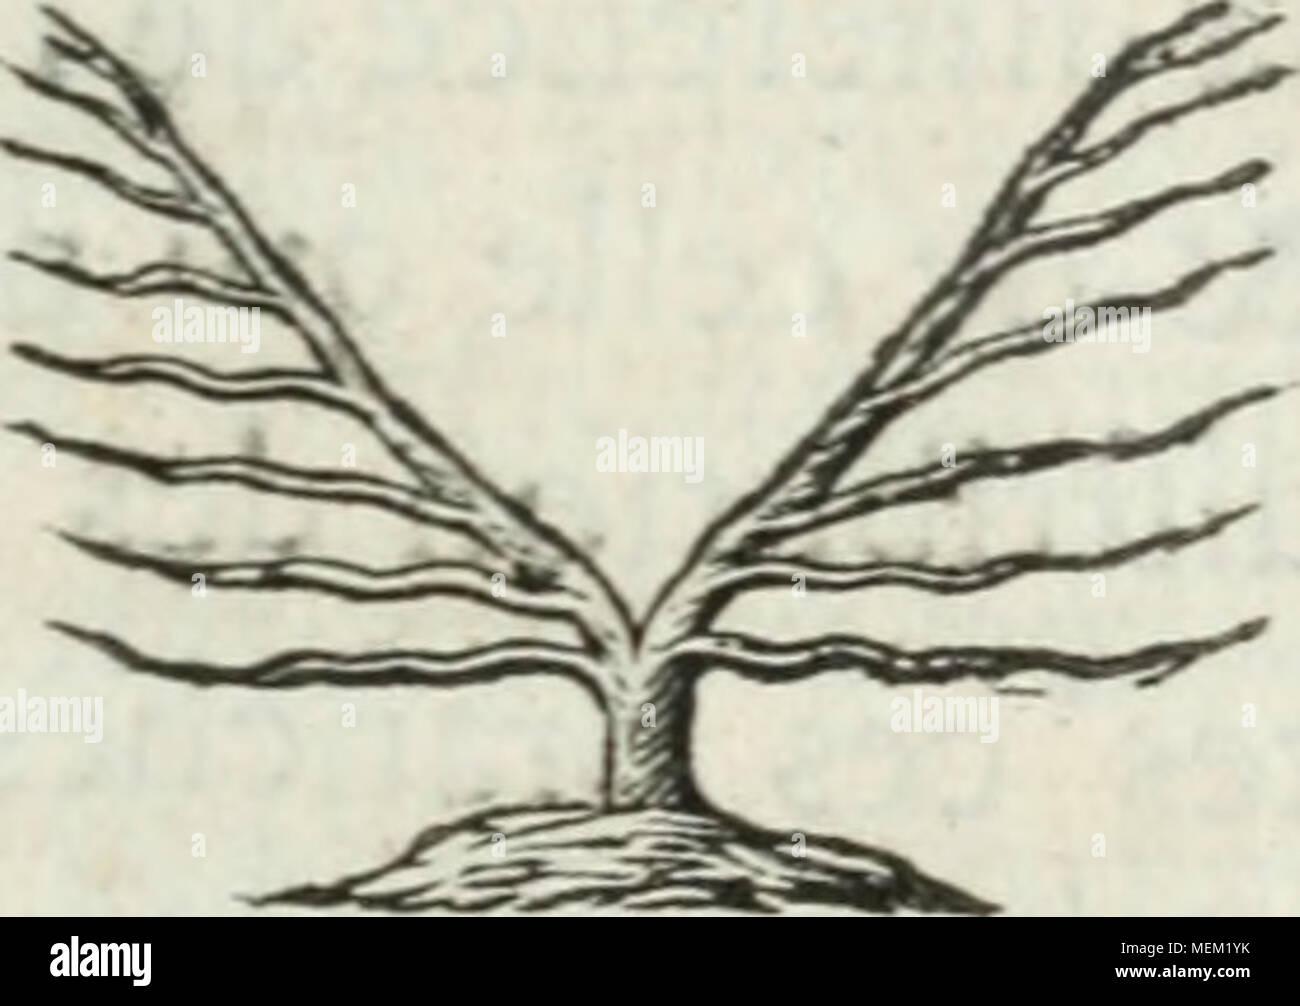 . Dictionnaire pour la théorie et la pratique du jardinage, et de l'agriculture, par principes, et démontrées d'après la physique des végetaux . Les deux réunis font la fi- gure préfente : s^il eft quel- ques branches en apparen- ce perpendiculaires, il faut cbferver qu'elles ne font point perpendi- culaires direcics, mais fur obliques , ce qui fait un point eflcntiel. Les arbres diringés univcrfcllement, fuivant la routine j font tout différens. Les branches y font difpofées comme autant de rayons qui partent du centre , fuivant la ptéfente figure. Mais il V/jf i/// cfl démont - Stock Image